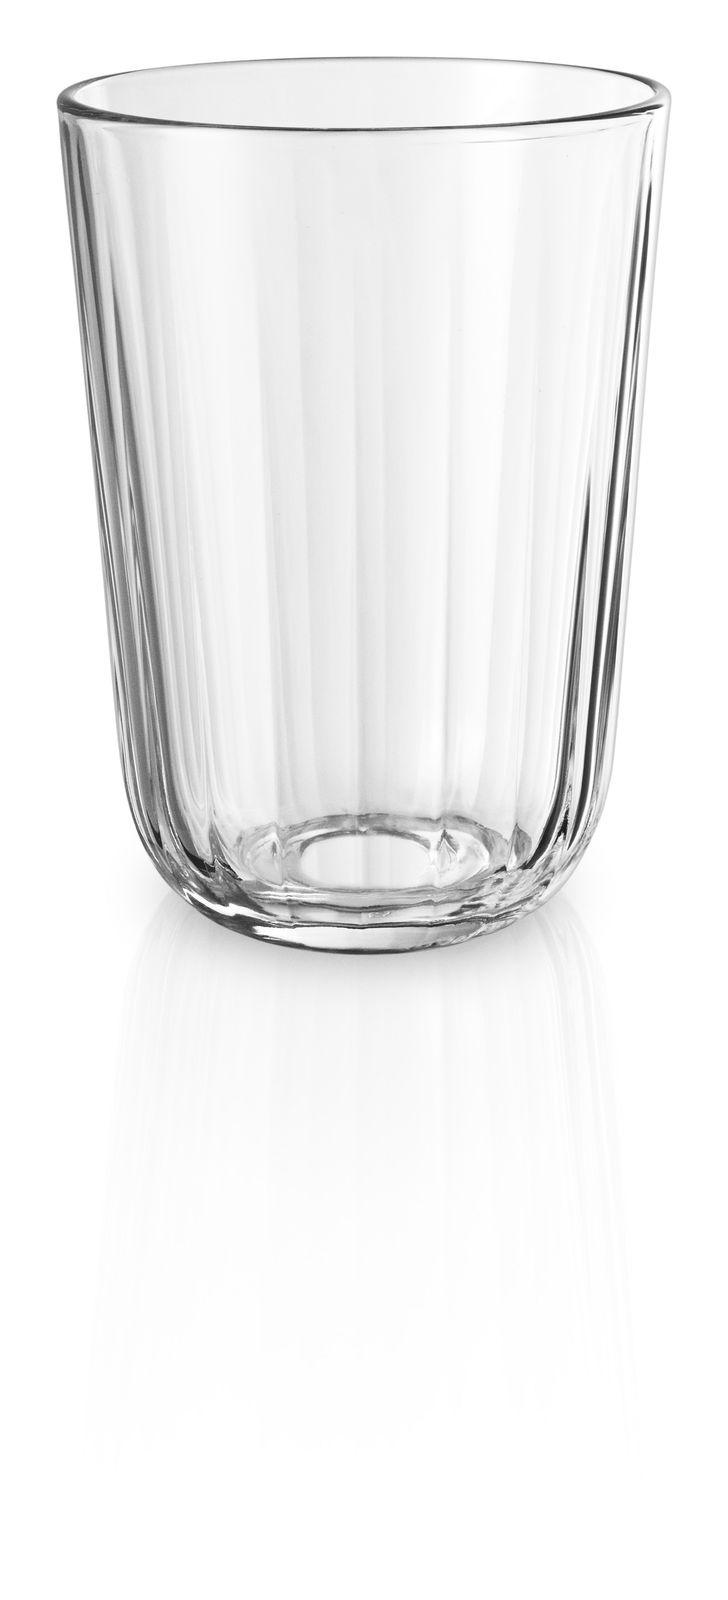 Eva Solo Glas Facet 340 ml Set van 4 Stuks